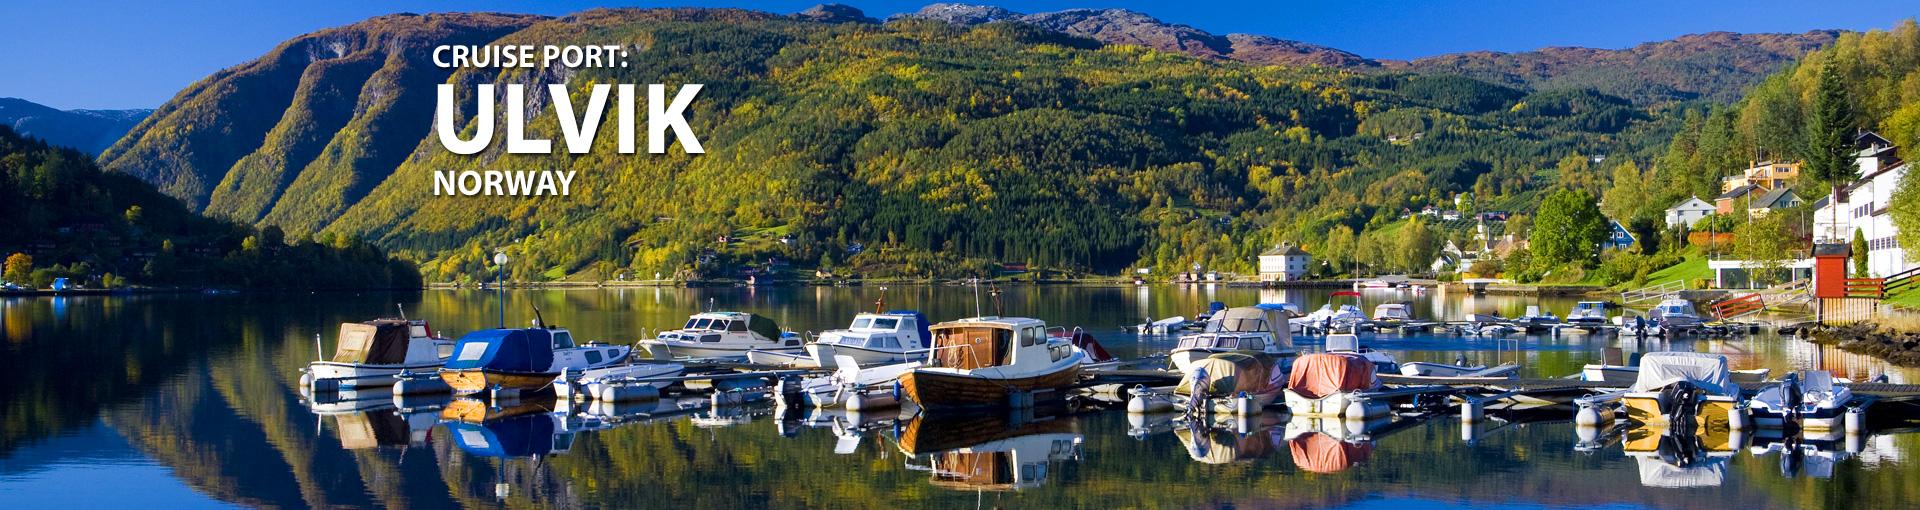 Cruises to Ulvik, Norway